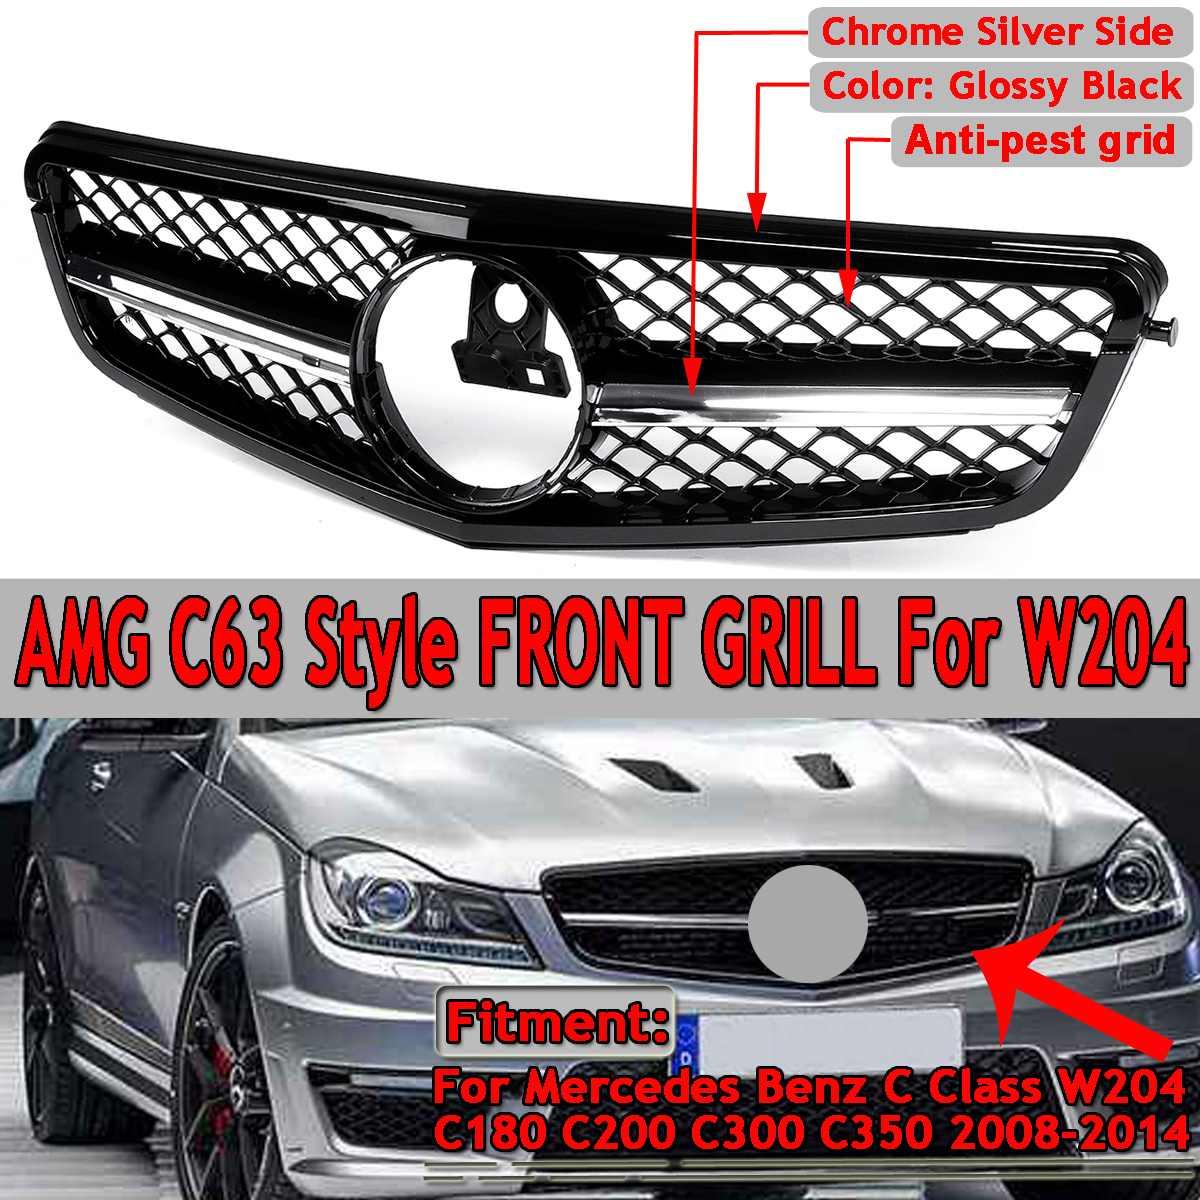 Pour AMG C63 Style nouvelle Grille de calandre avant pour Mercedes pour Benz classe C W204 C180 C200 C300 C350 2008-14 Grille de course